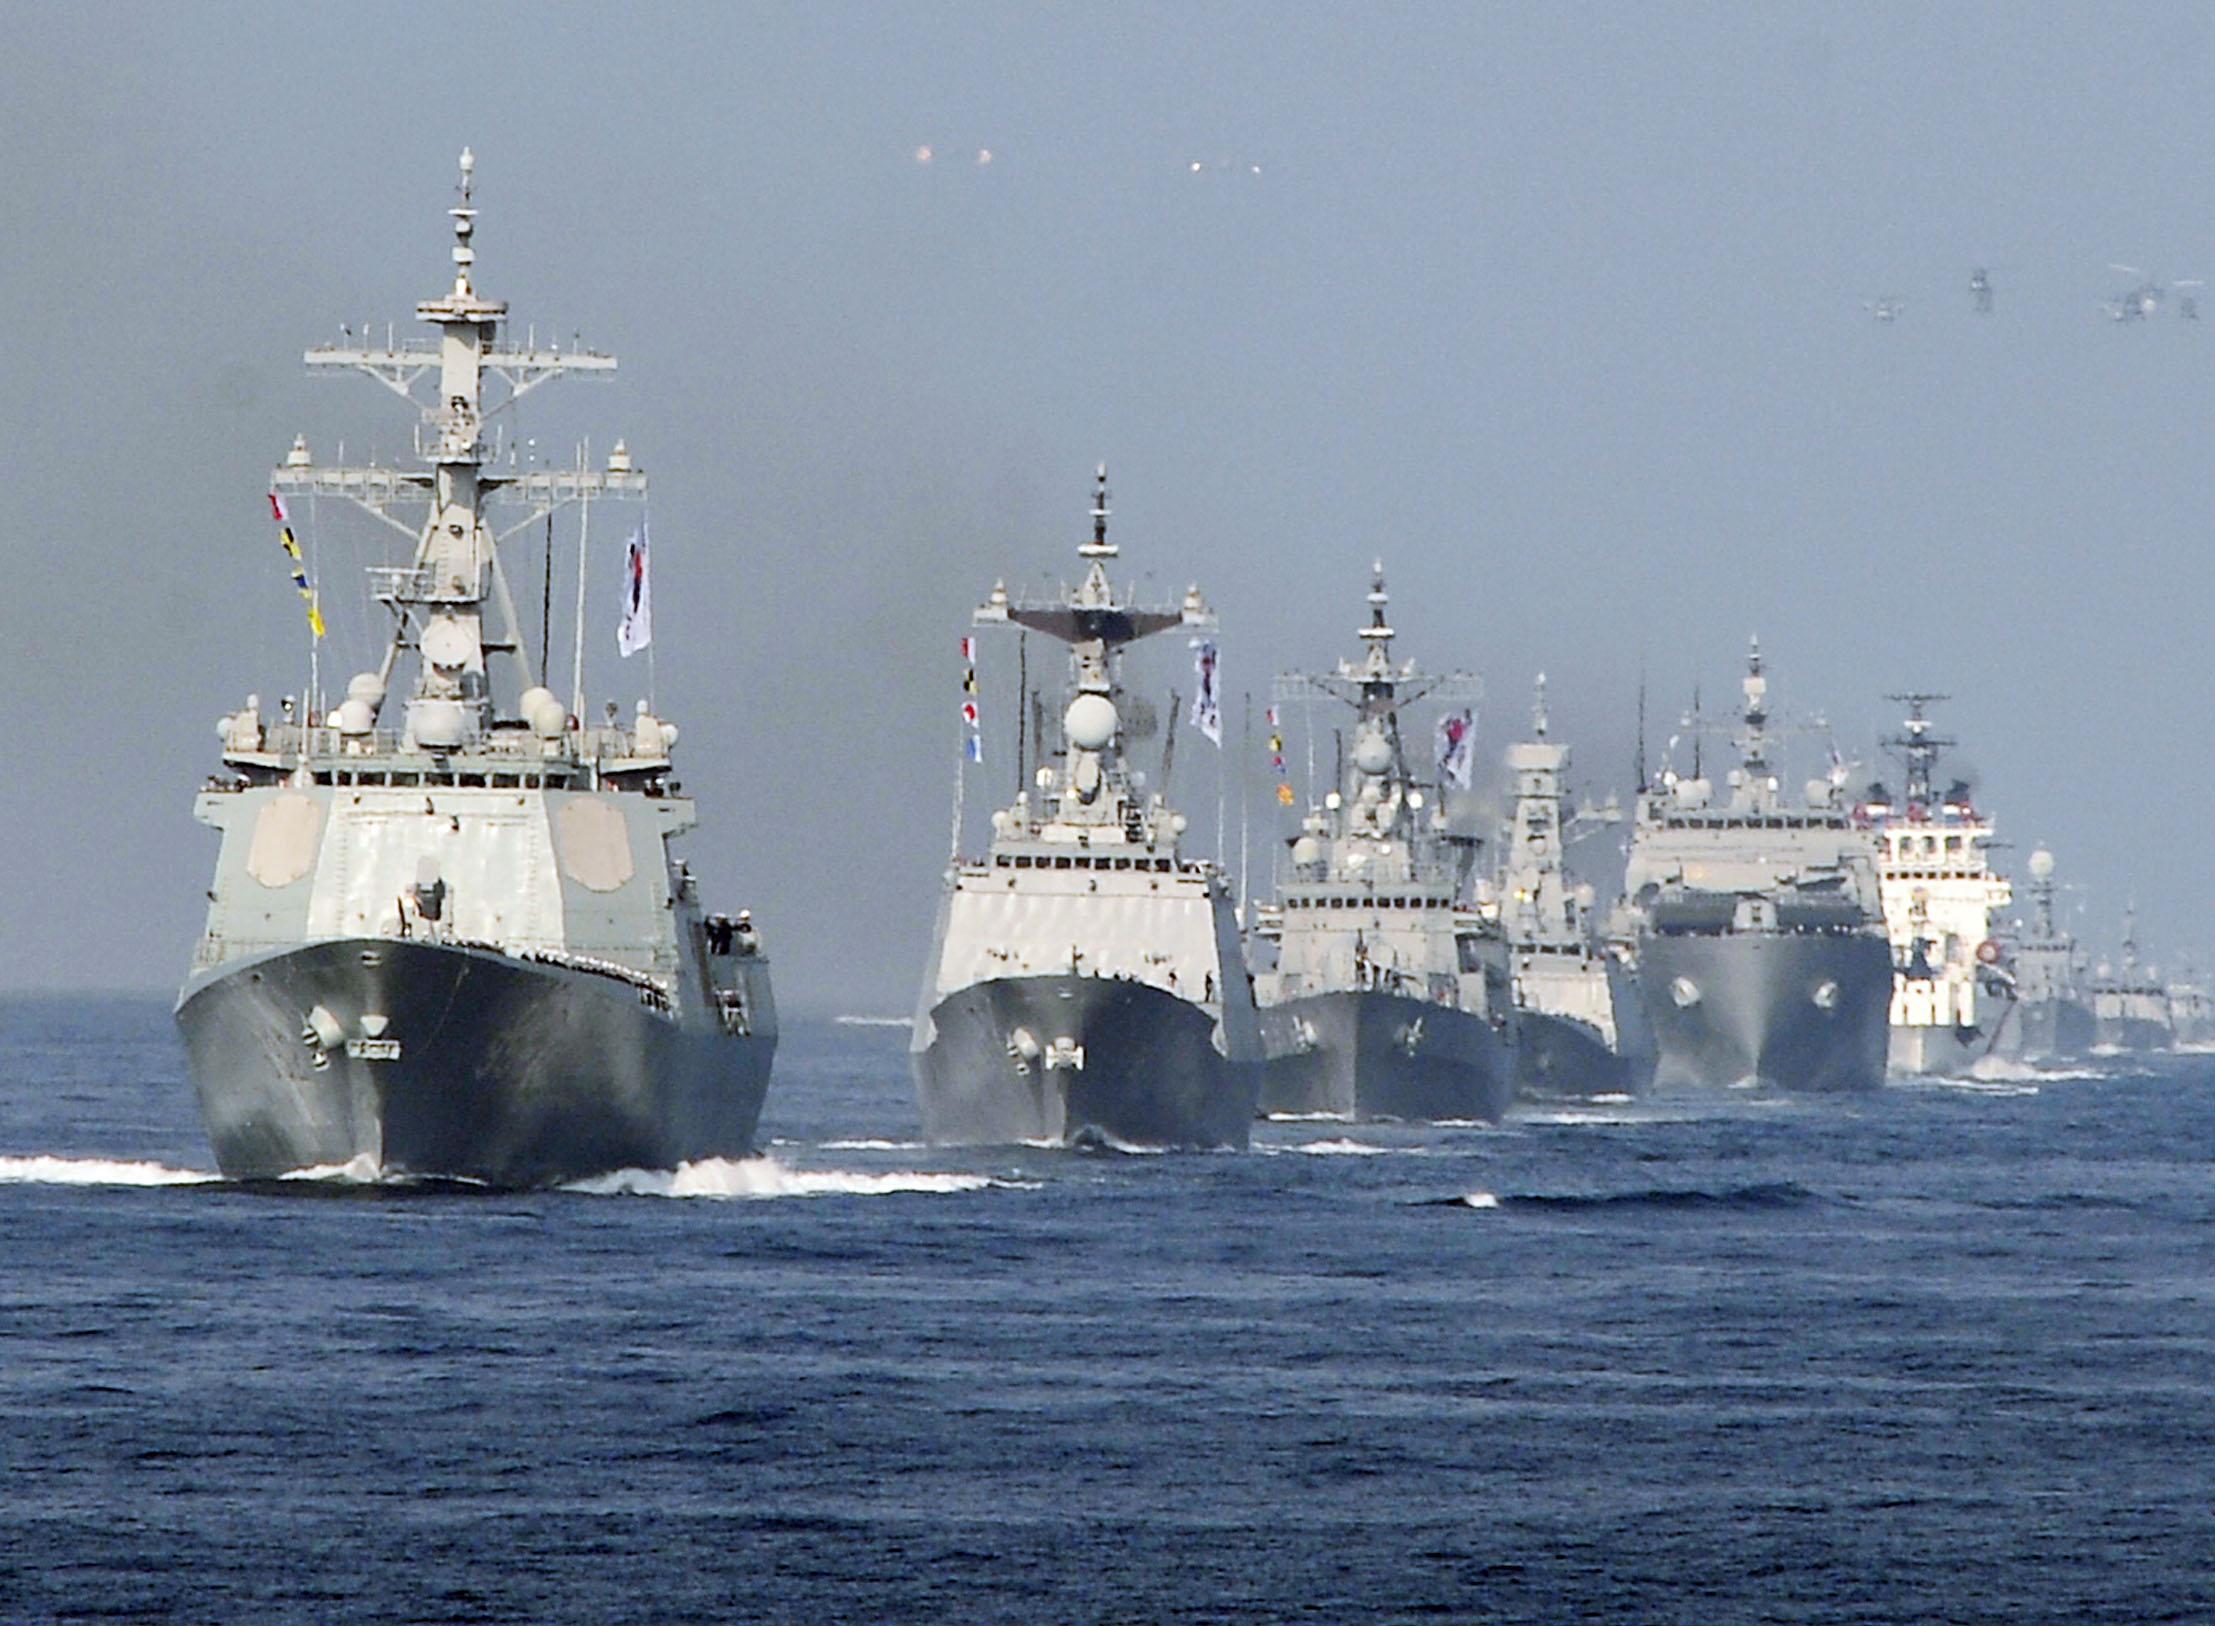 4 июля 2021 года отмечаем День Военно-морских Сил Вооруженных Сил Украины — фото 1